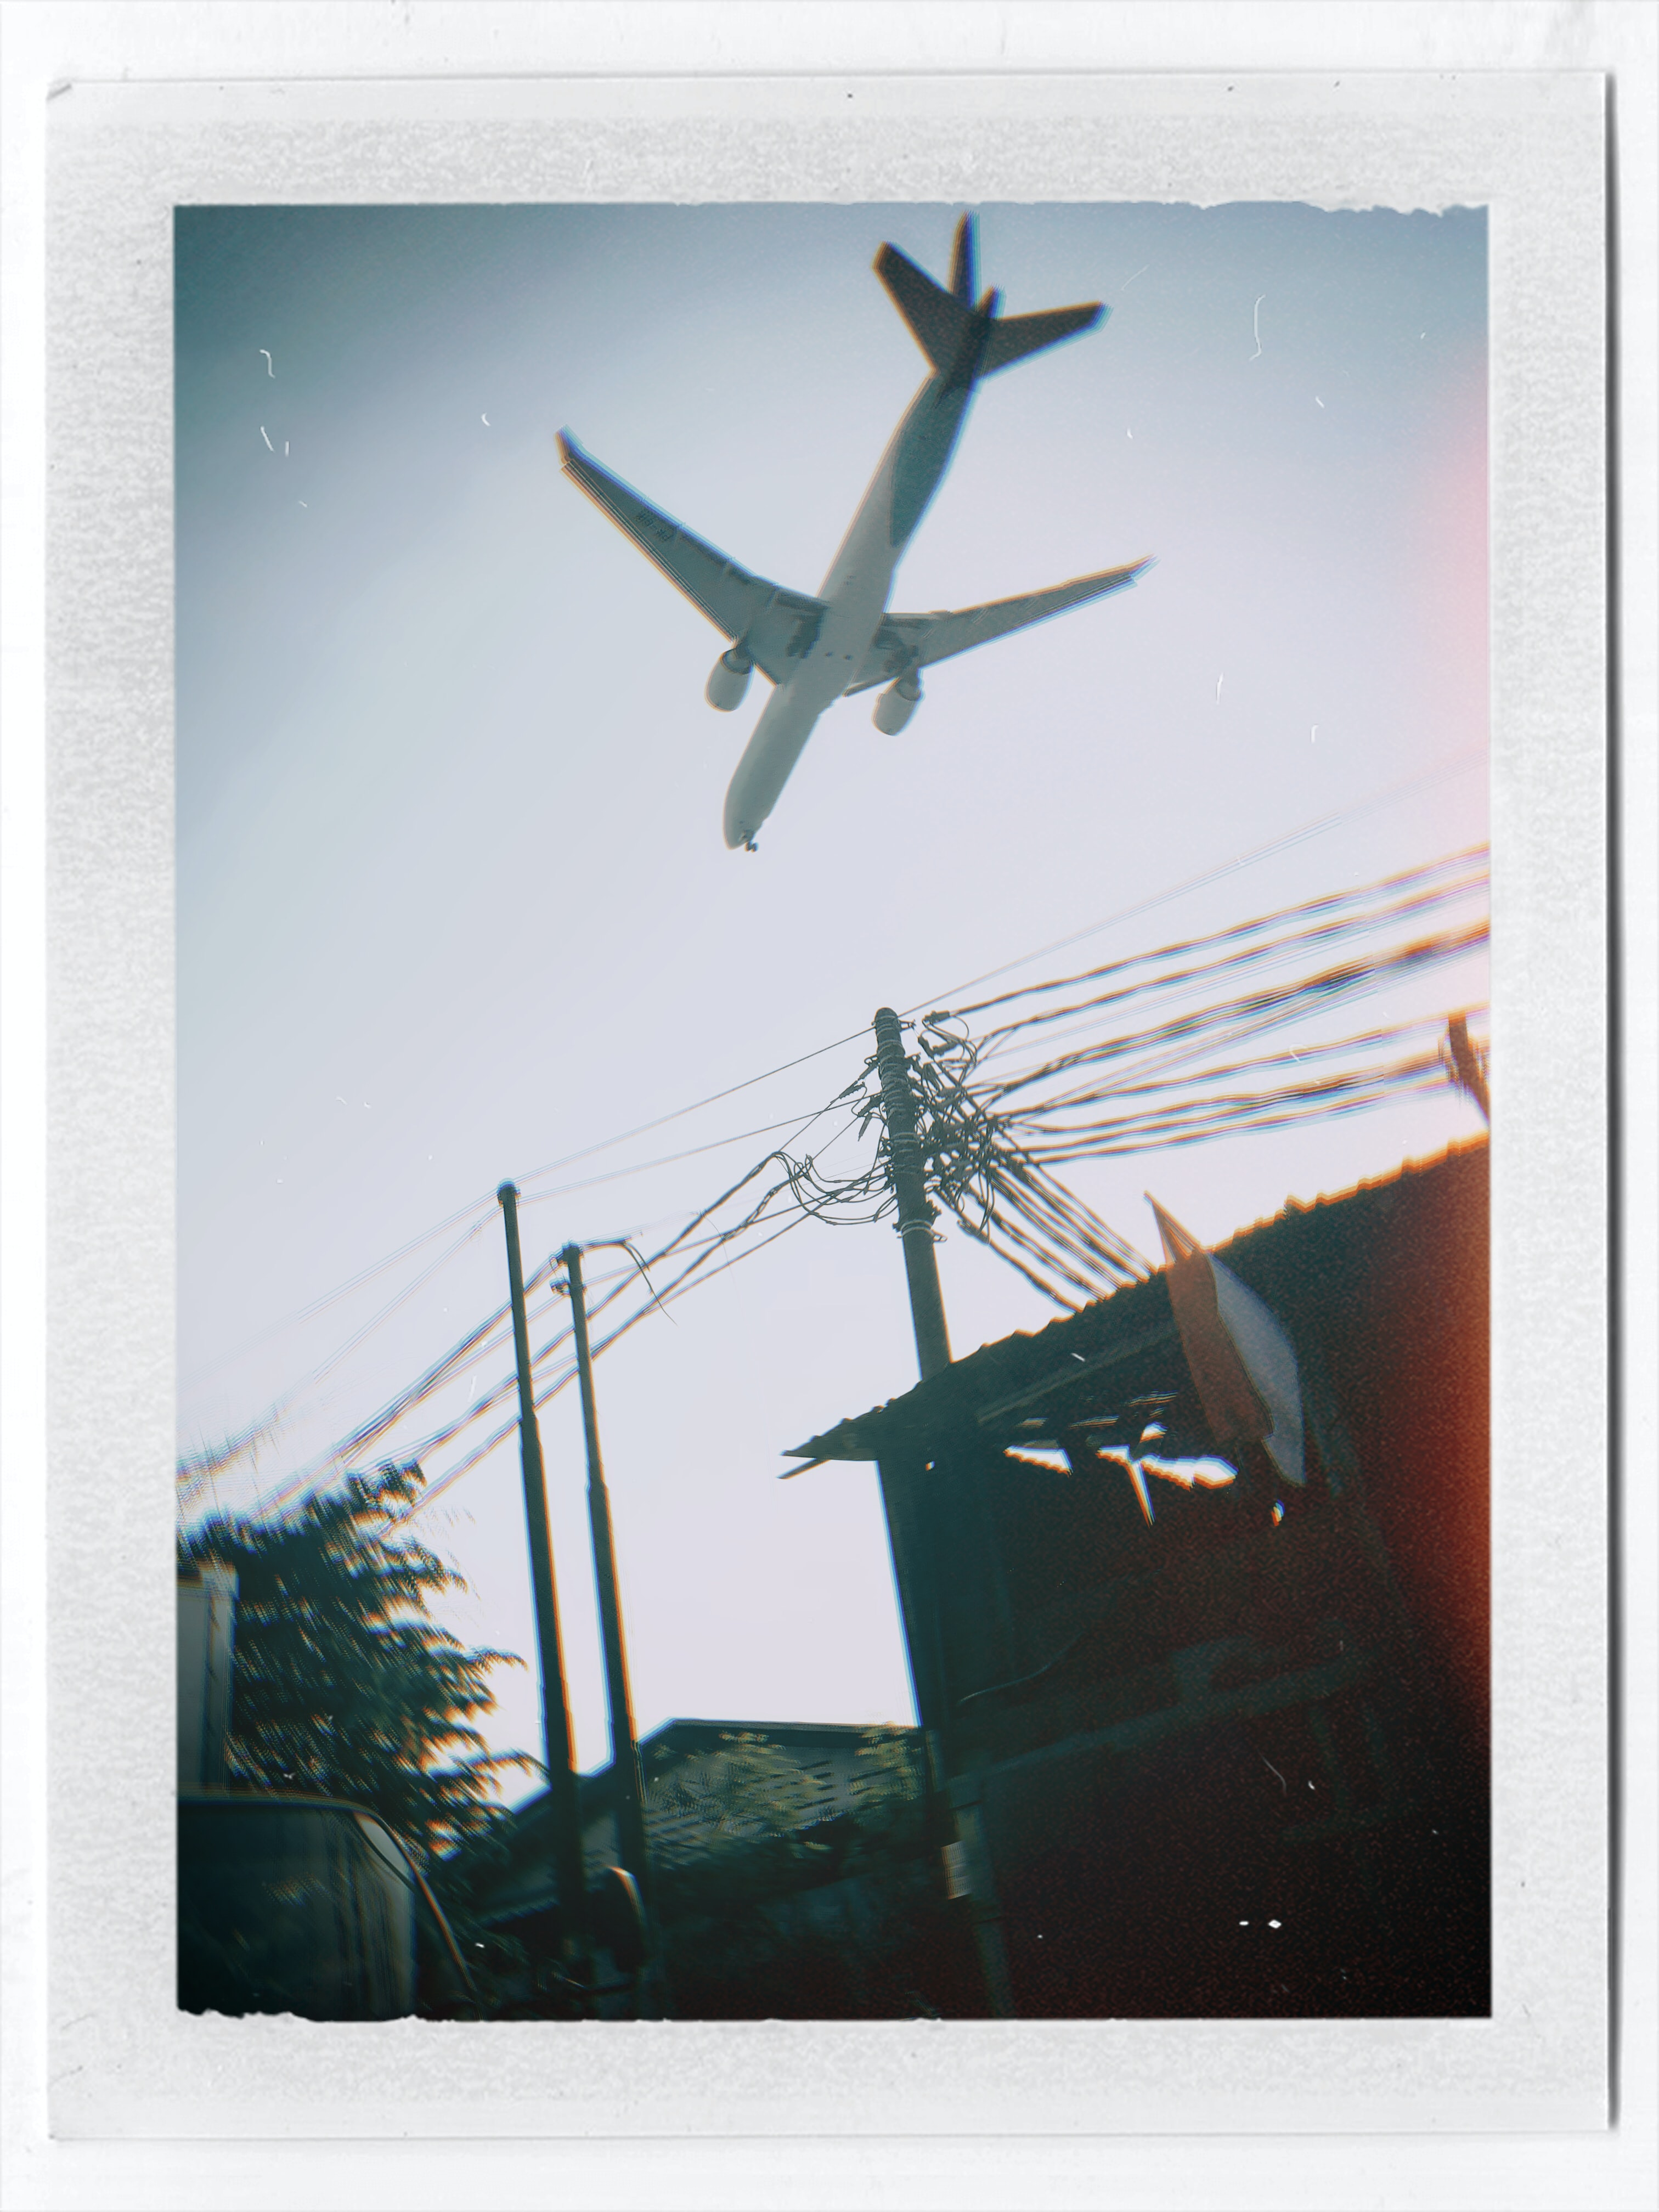 white airplane during daytiem